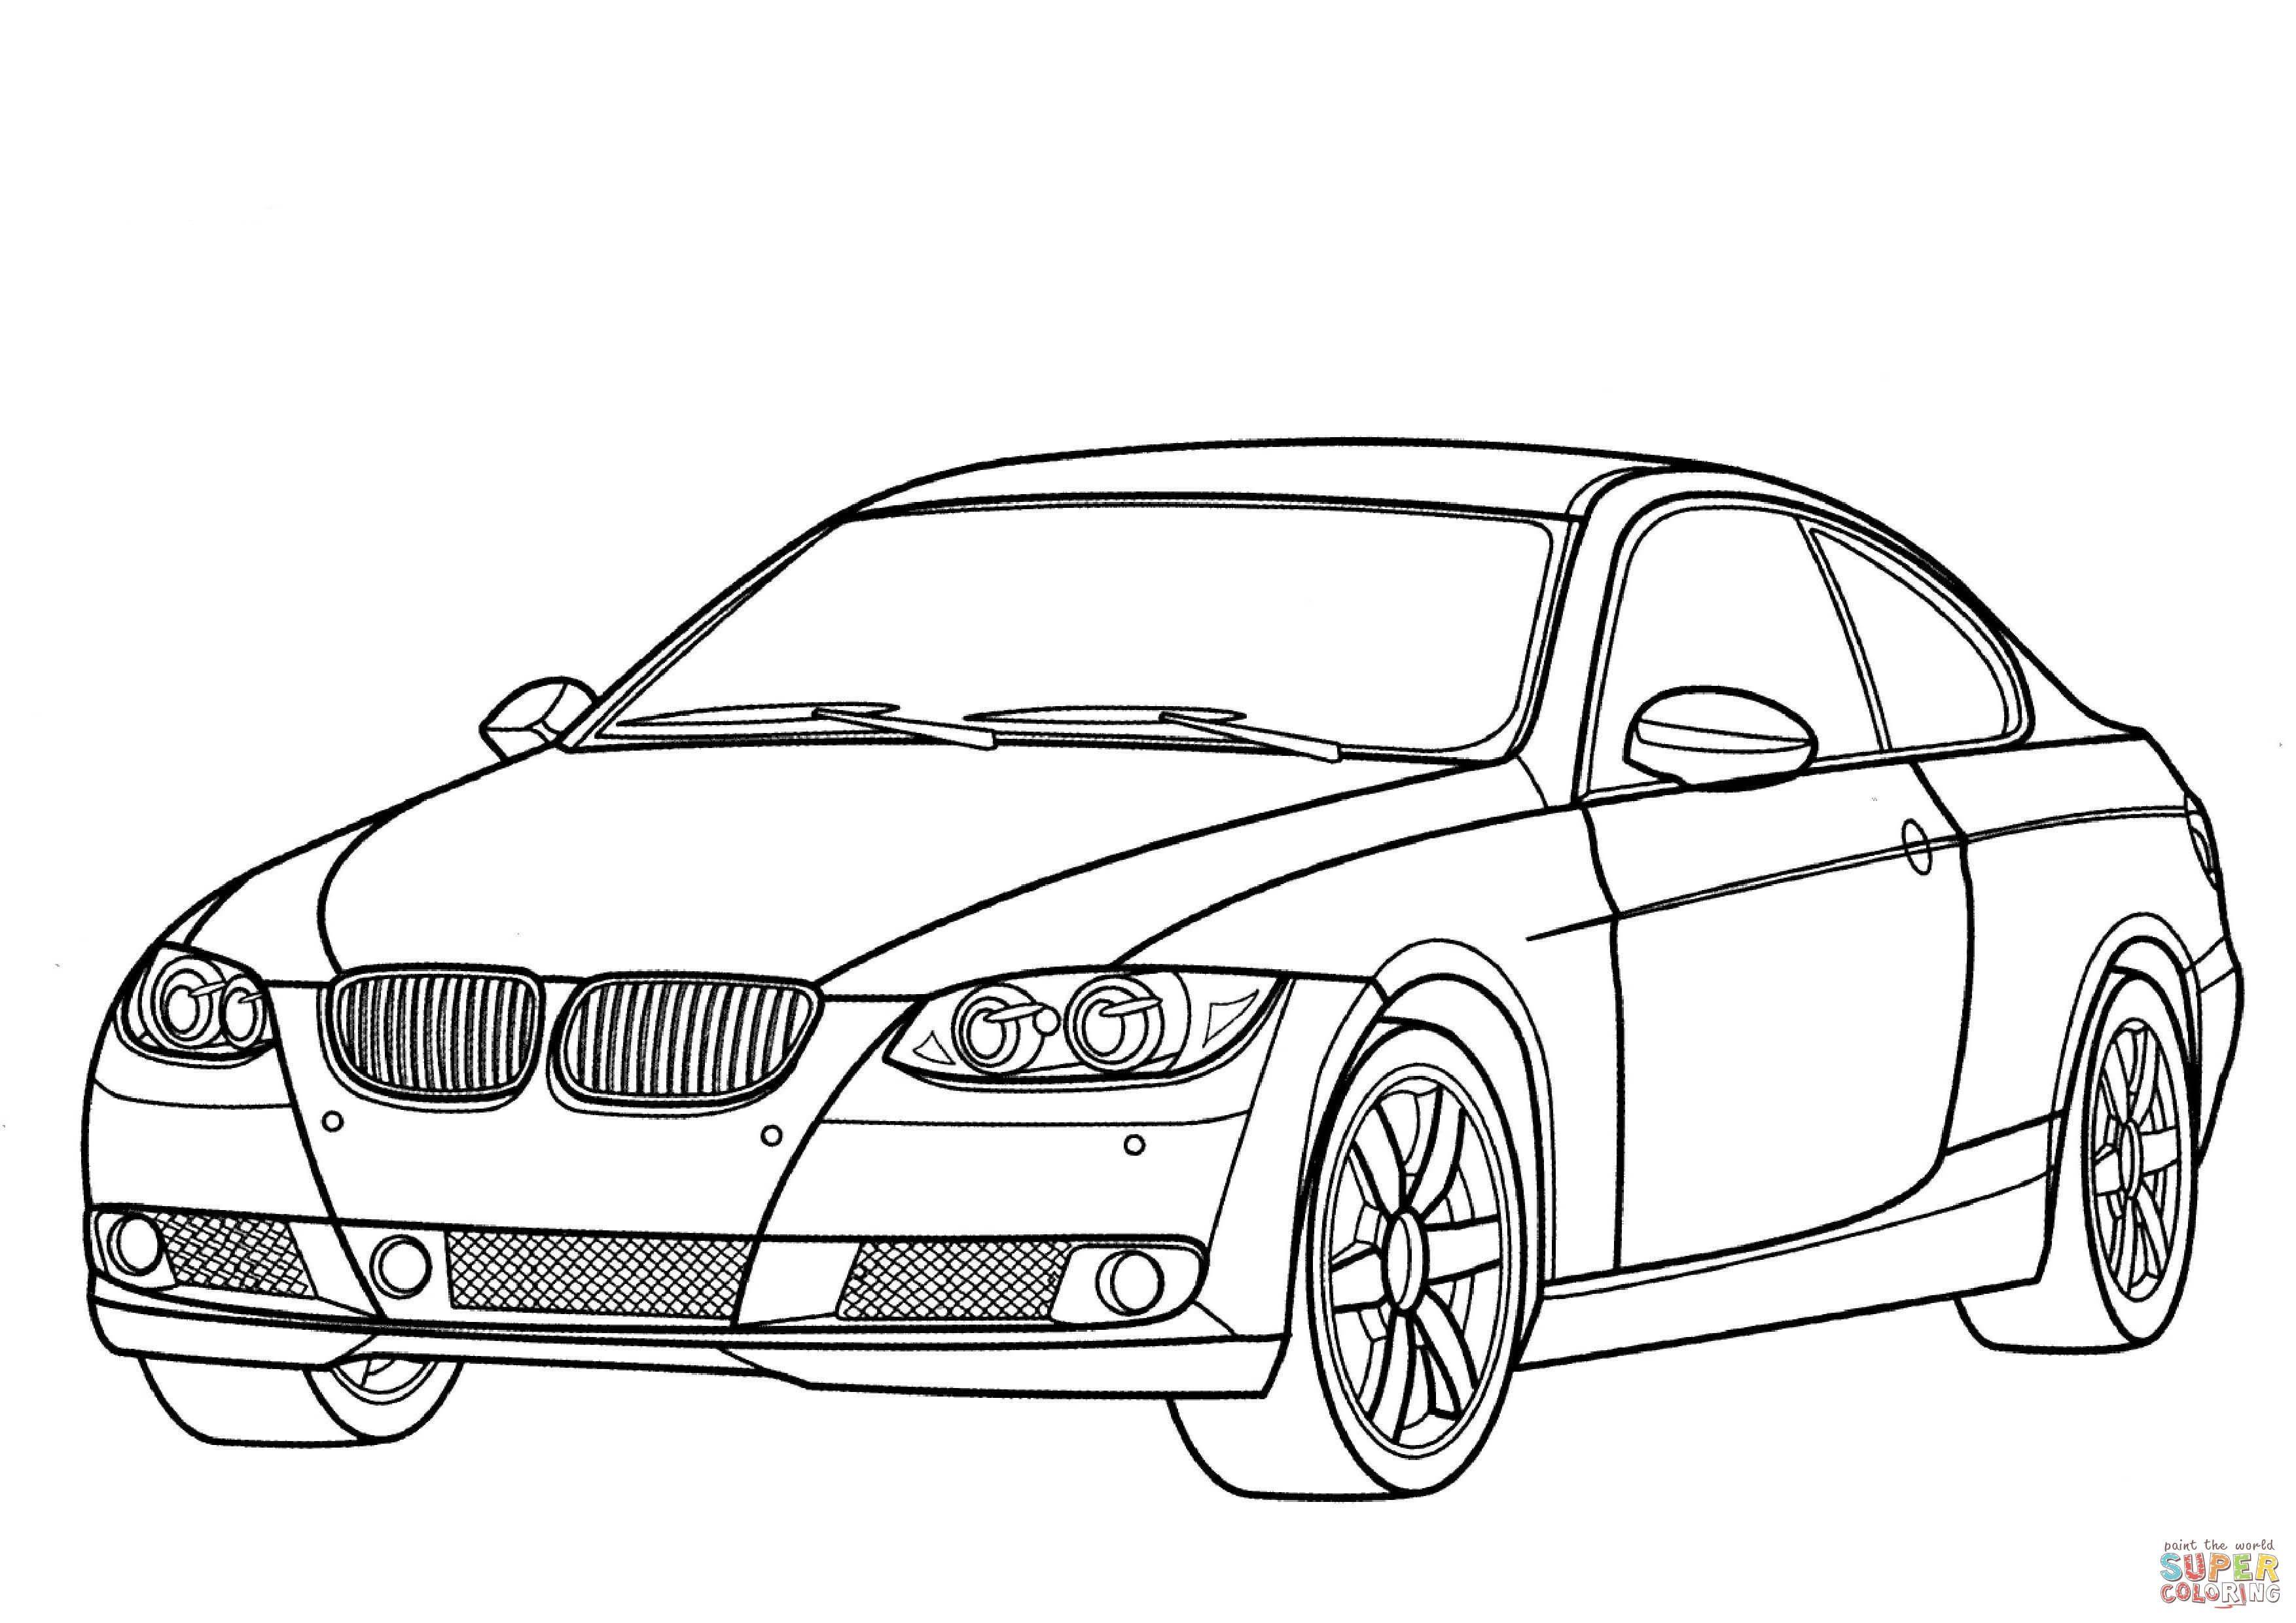 Ausmalbilder Autos BMW 7 Serie  Cars coloring pages, Race car